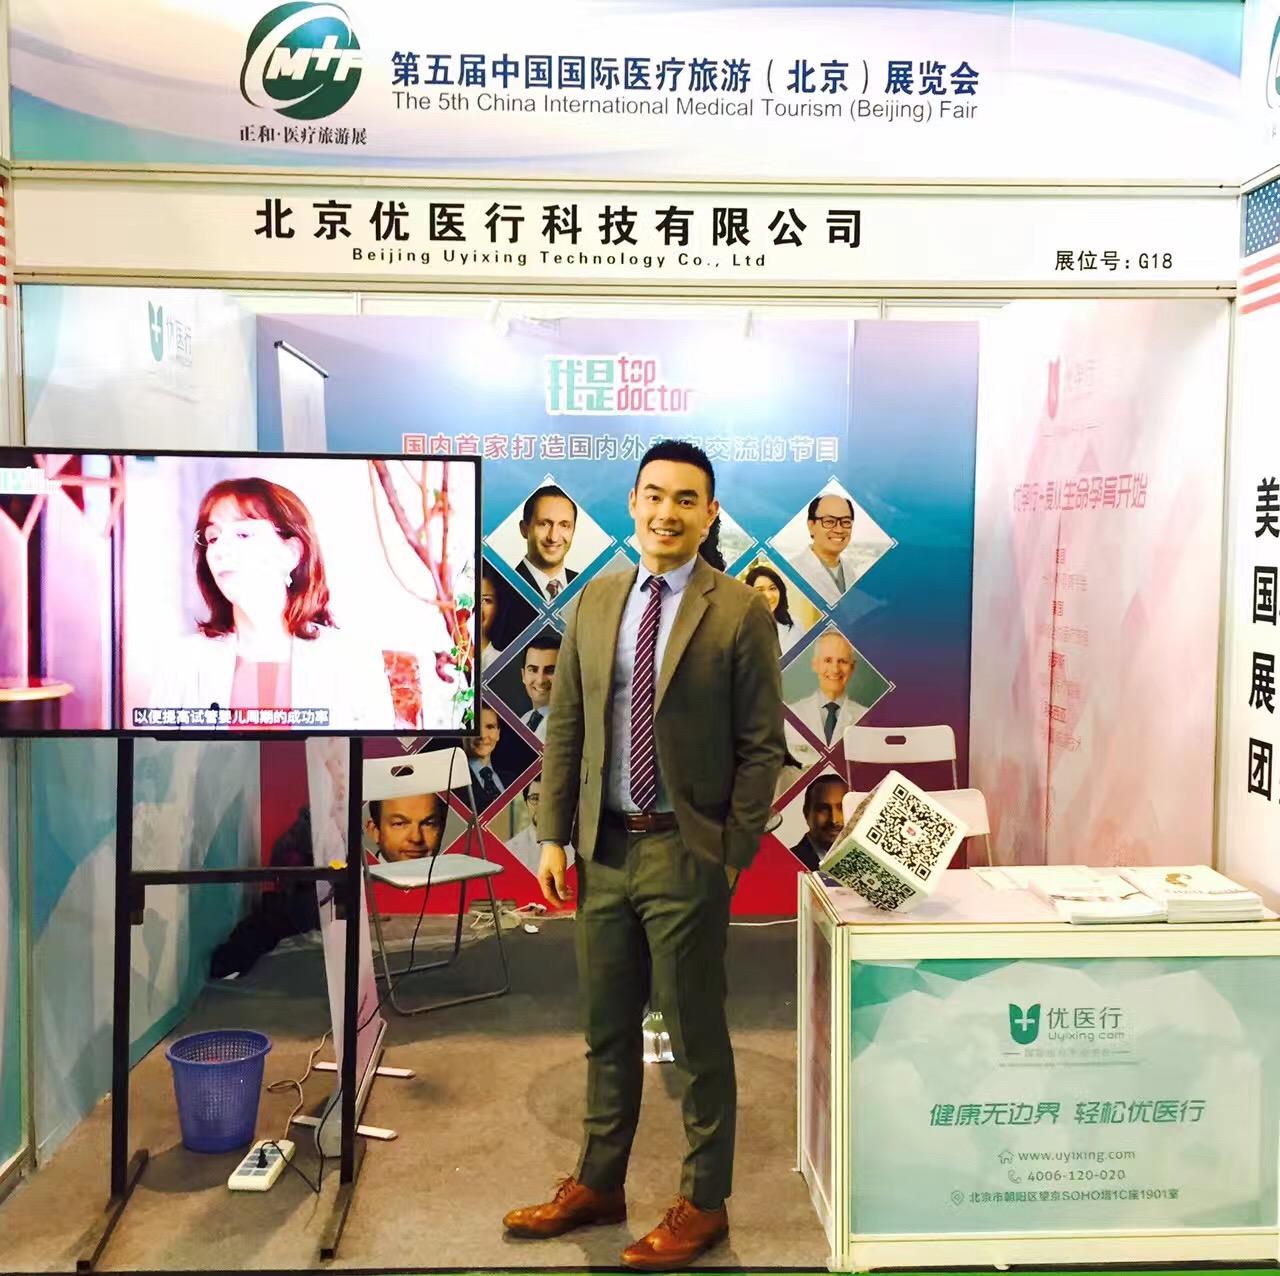 优孕行美国试管婴儿:引领CMTF海外医疗旅游展1.jpg